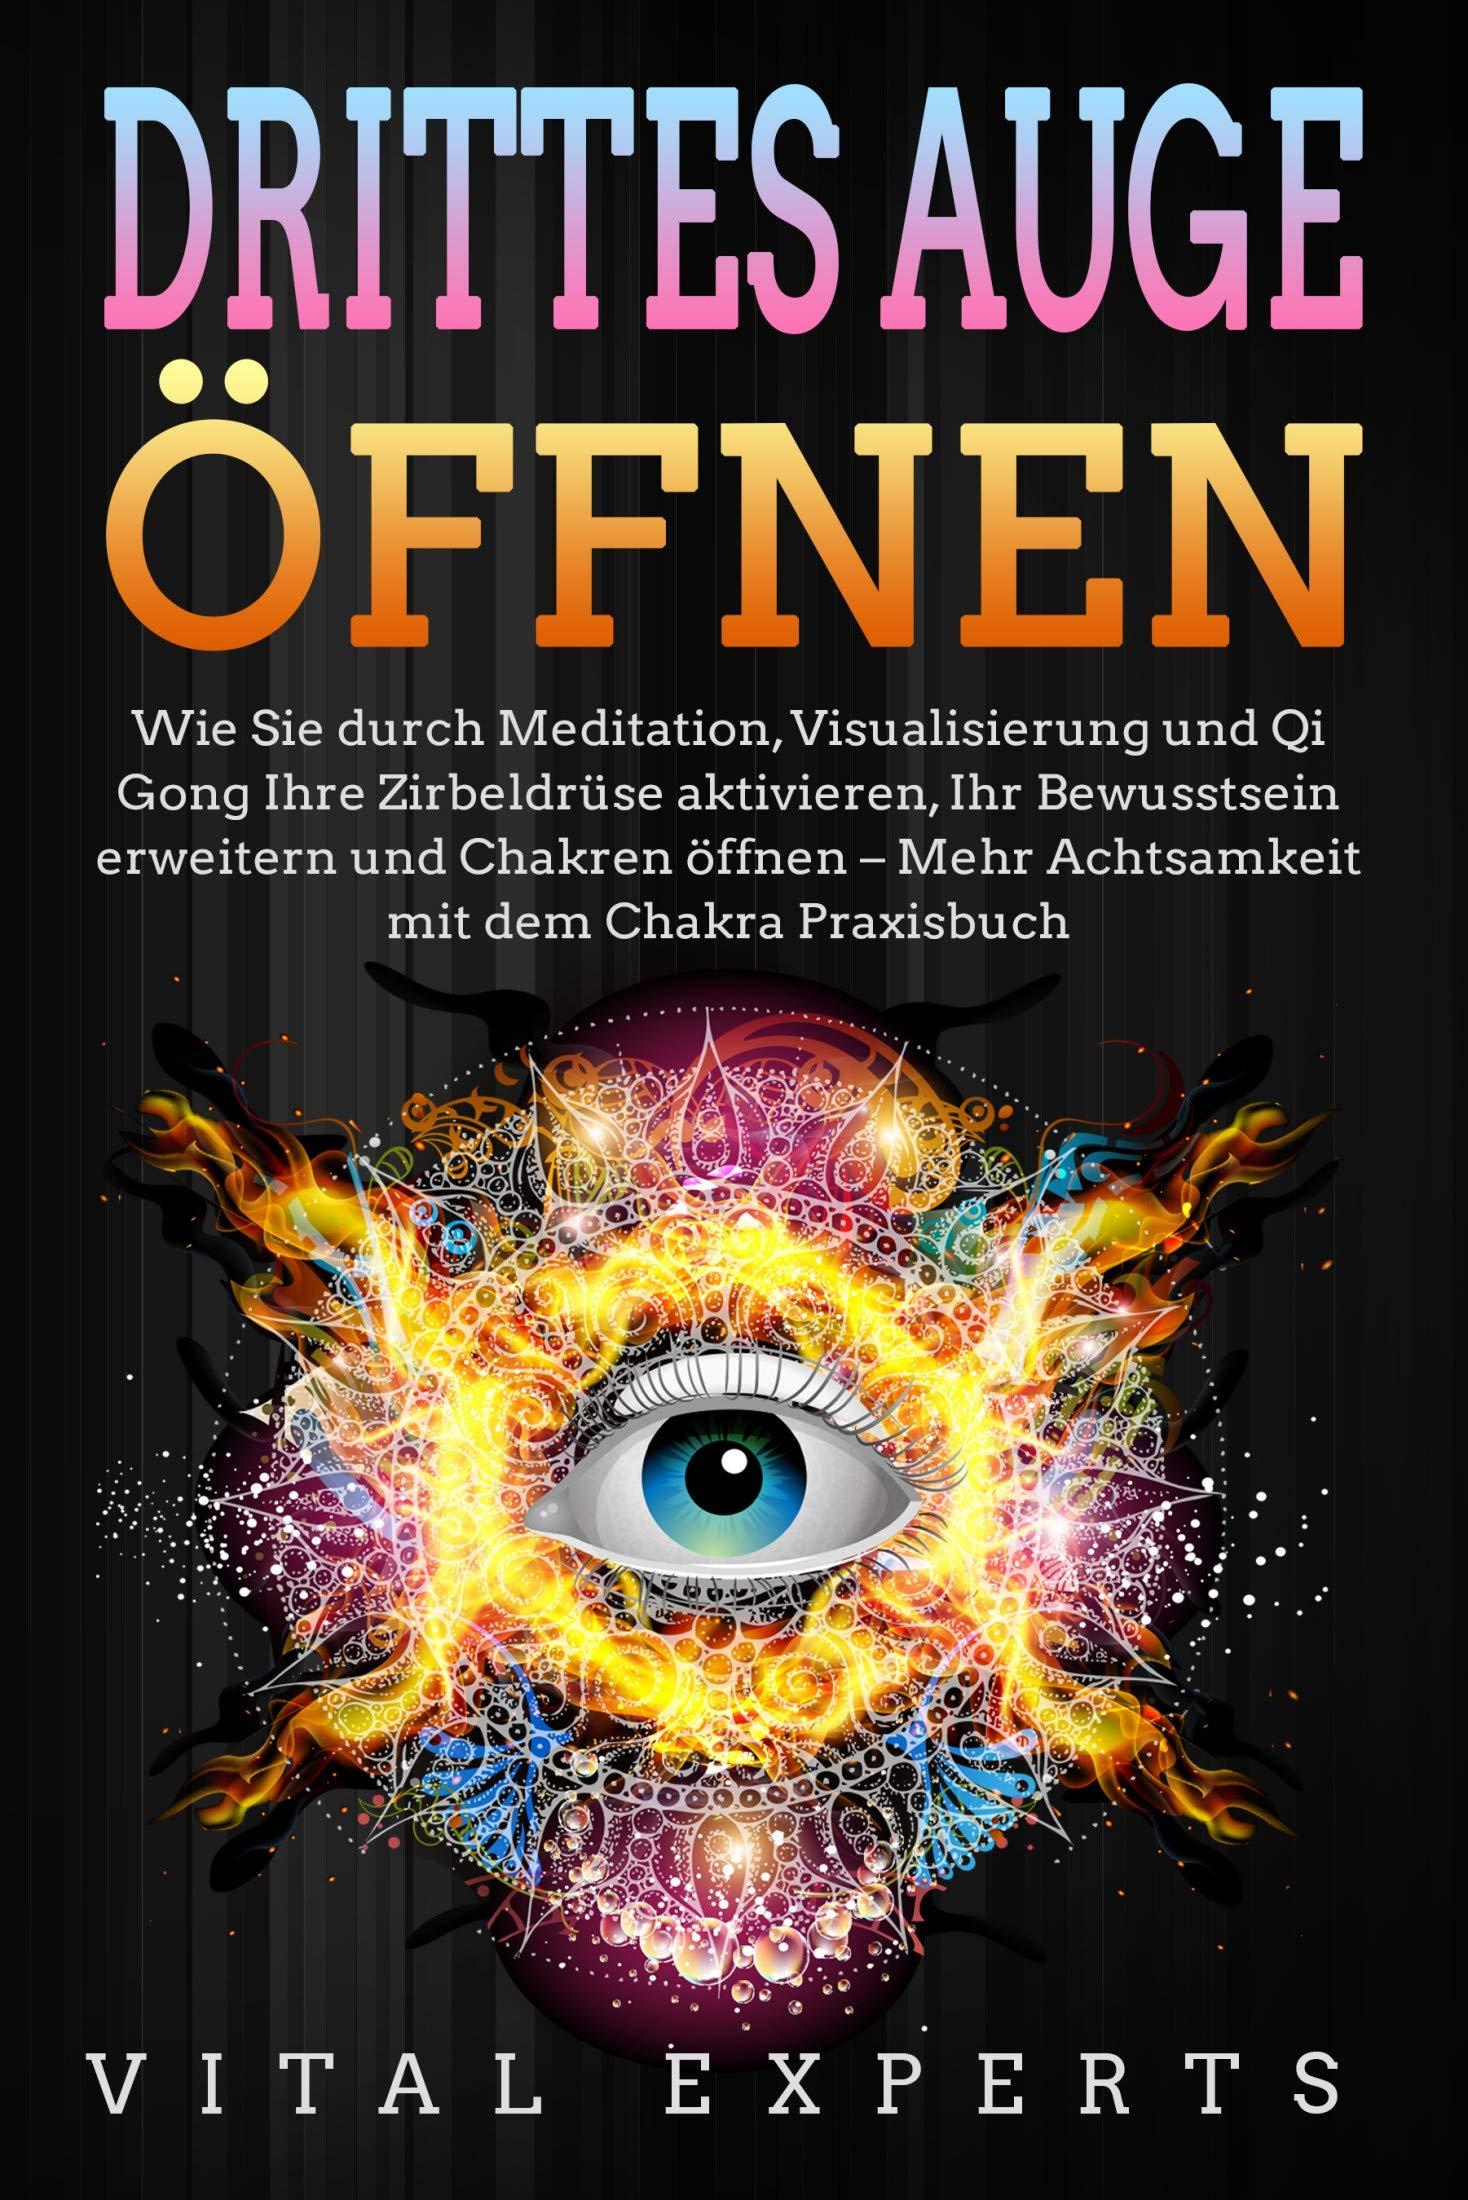 DRITTES AUGE ÖFFNEN  Wie Sie Durch Meditation Visualisierung Und Qi Gong Ihre Zirbeldrüse Aktivieren Ihr Bewusstsein Erweitern Und Chakren öffnen   Mehr Achtsamkeit Mit Dem Chakra Praxisbuch